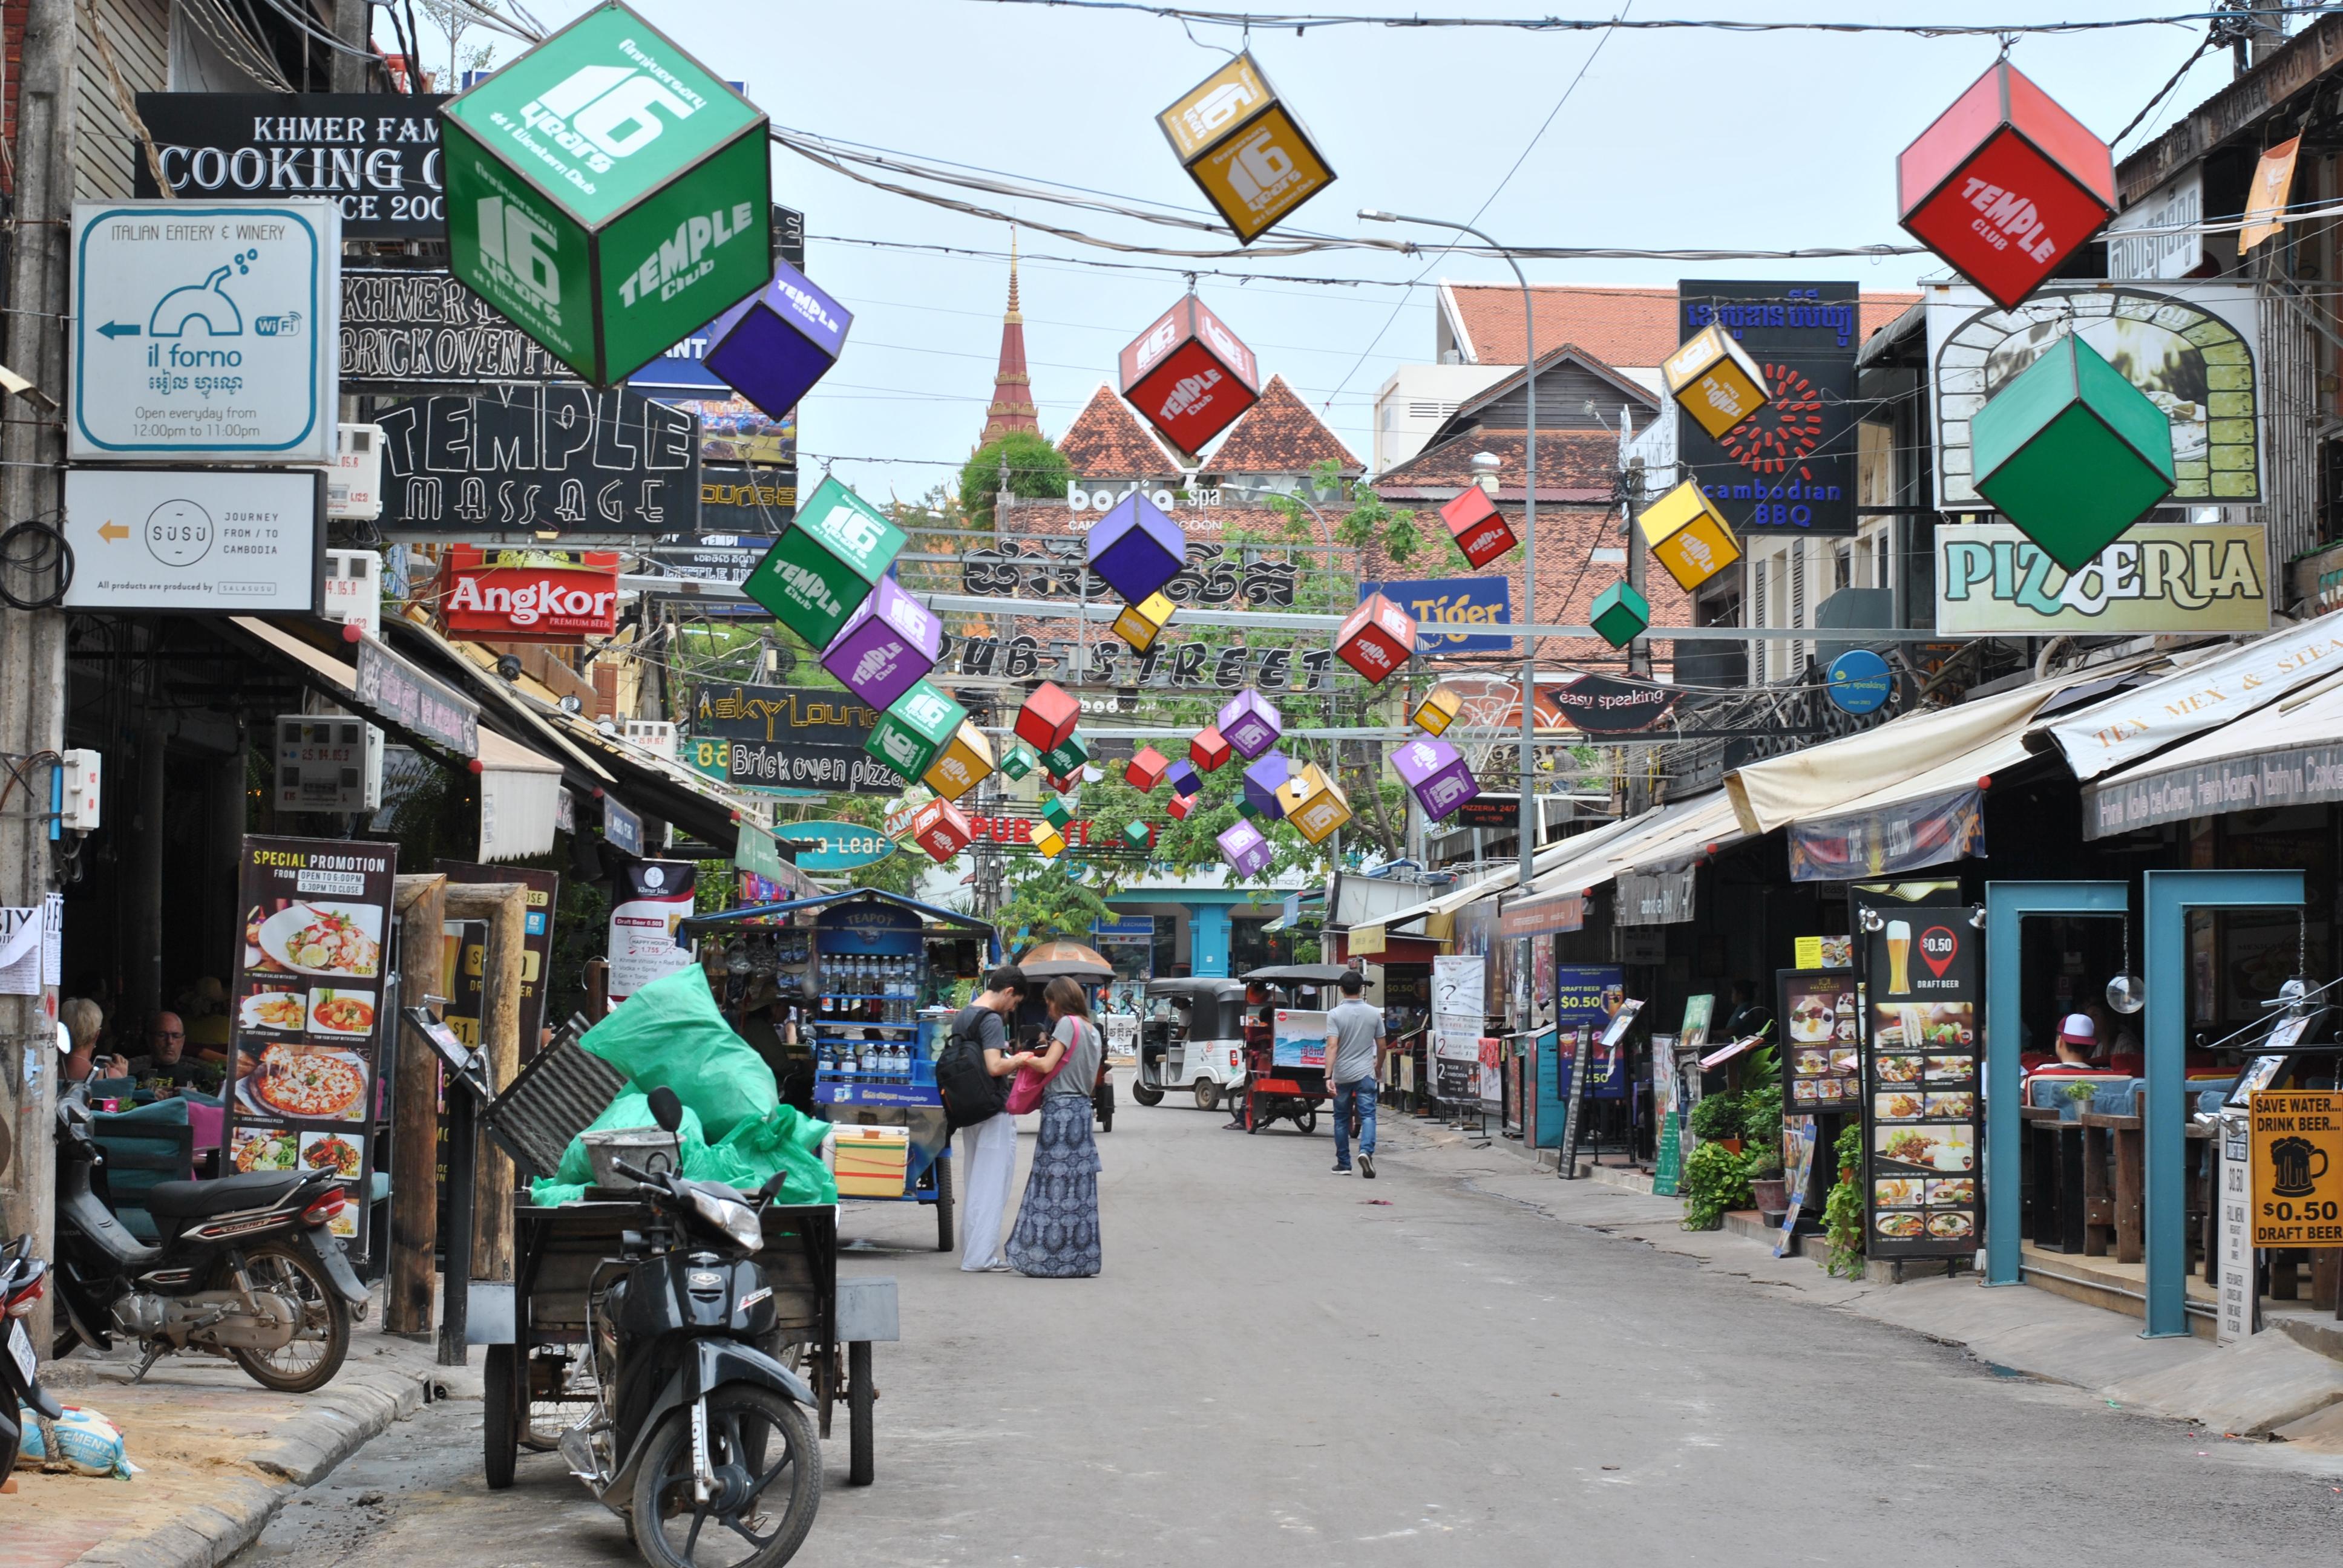 You are currently viewing Auf nach Siem Reap – Märkte und eine Stadt im Aufschwung [KAMB]